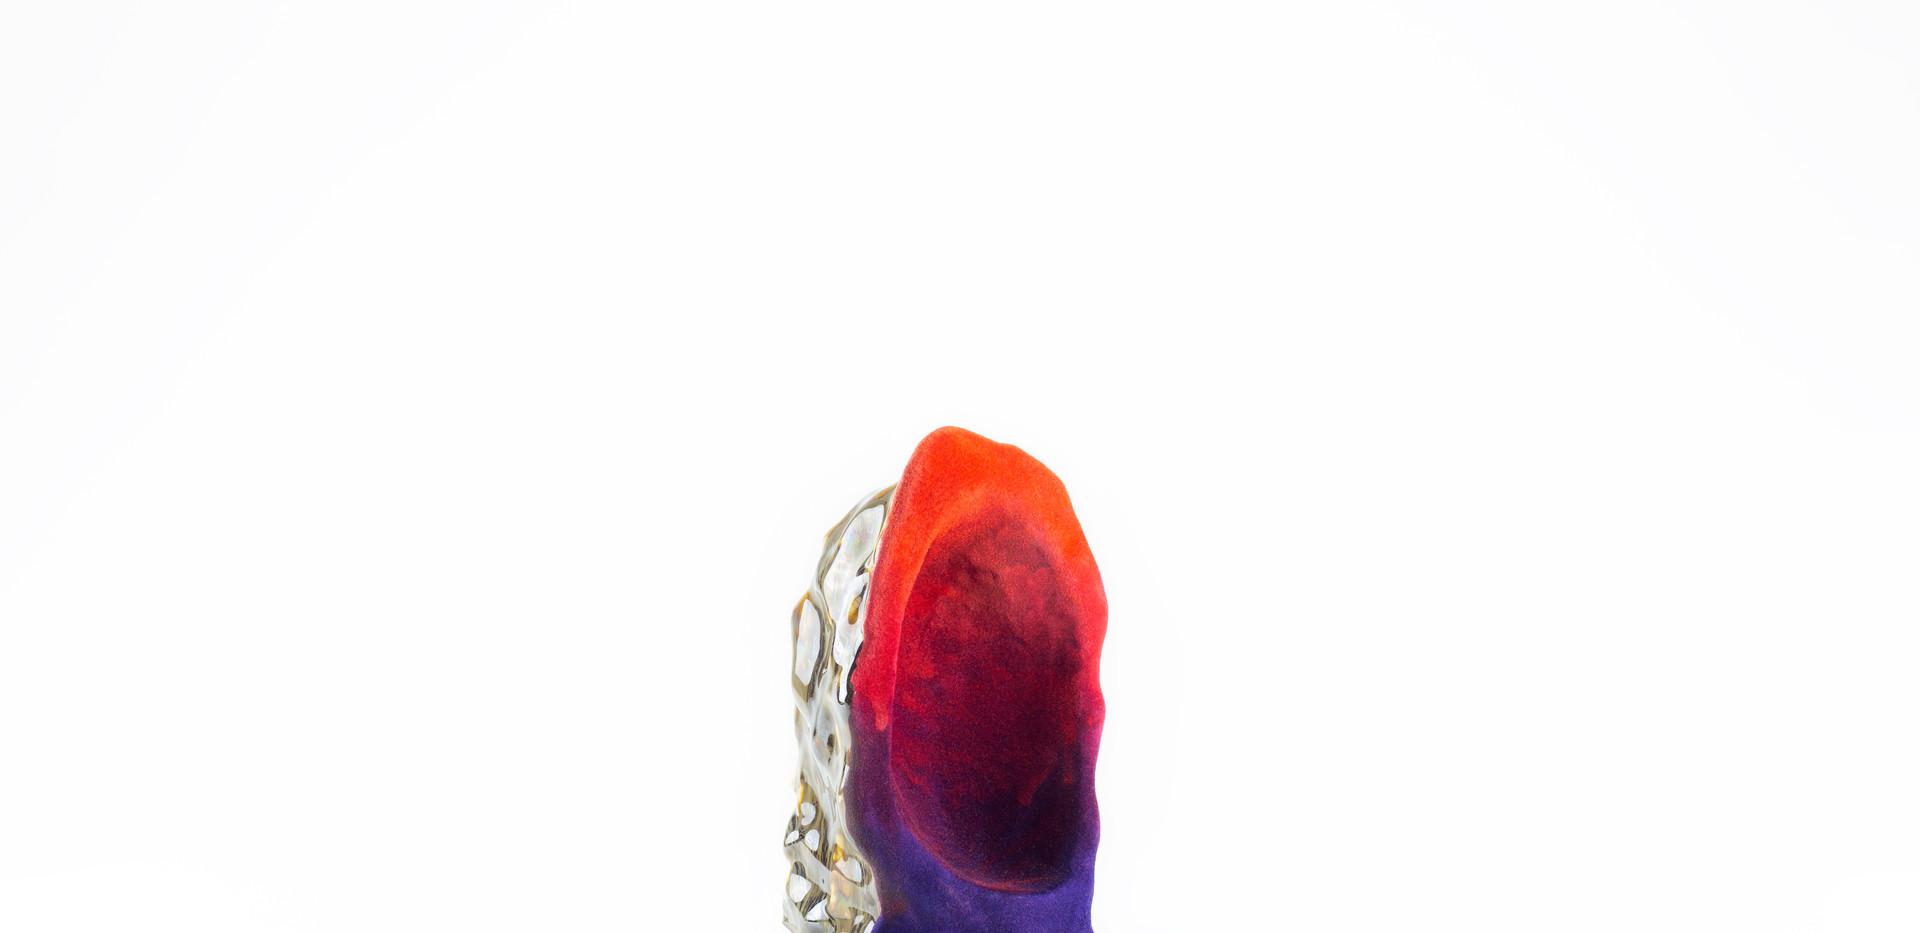 Crystal (Gradient Orange) Side View